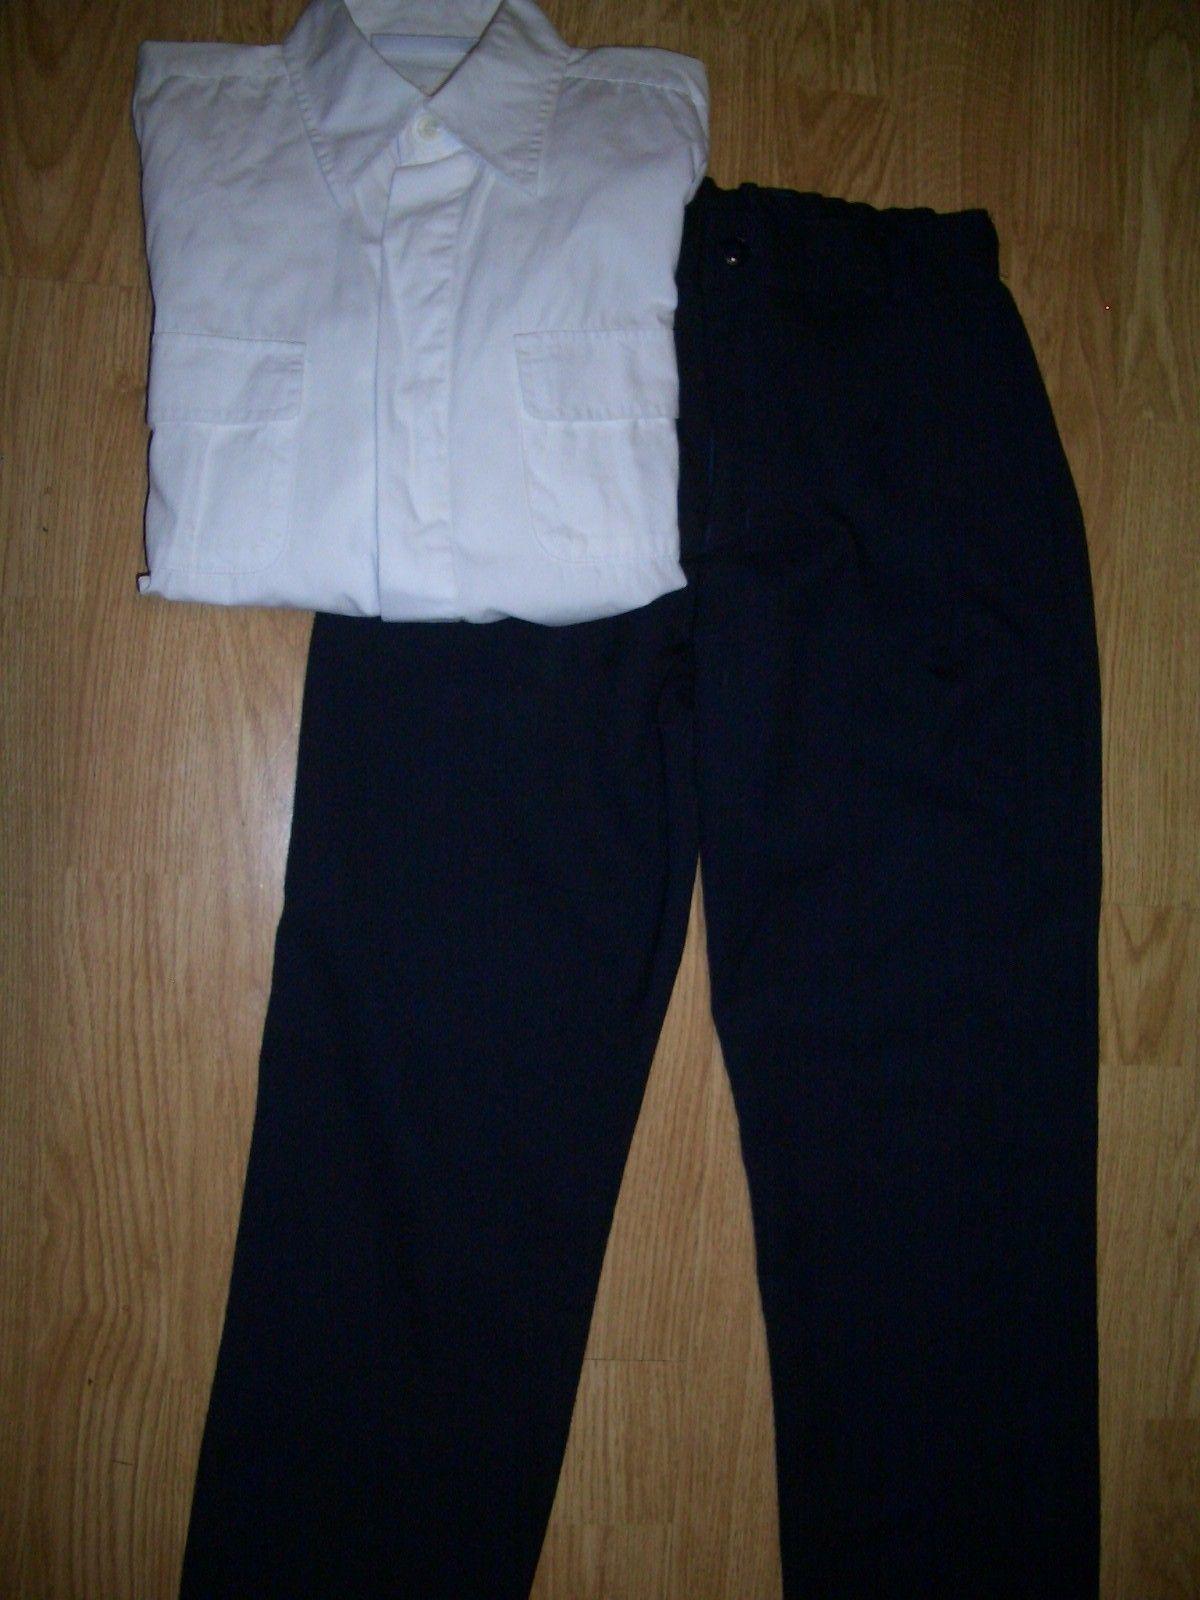 """Meget fin guttebukse og  hvit skjorte str 8 år selges billig kun 150 kr - Kleppestø  - """"Finbukse"""" og fin hvit skjorte str 8 år/128 selges billig kun 150 kr Buksen og skjorten er som nye. - Kleppestø"""